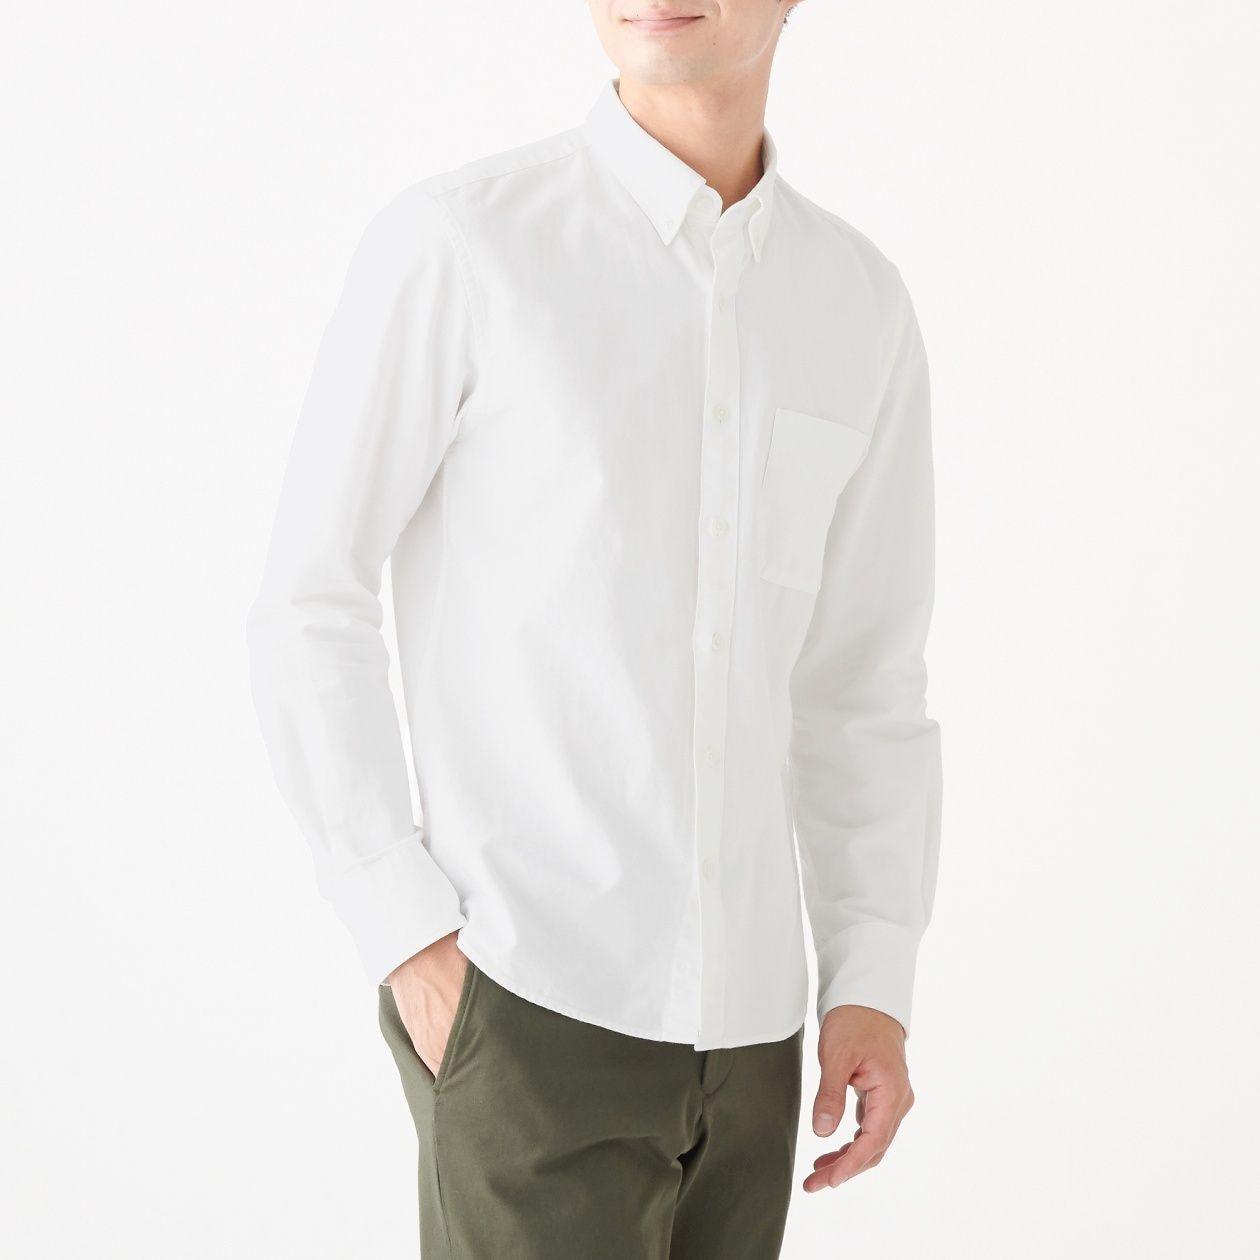 新疆綿洗いざらしオックスボタンダウンシャツ